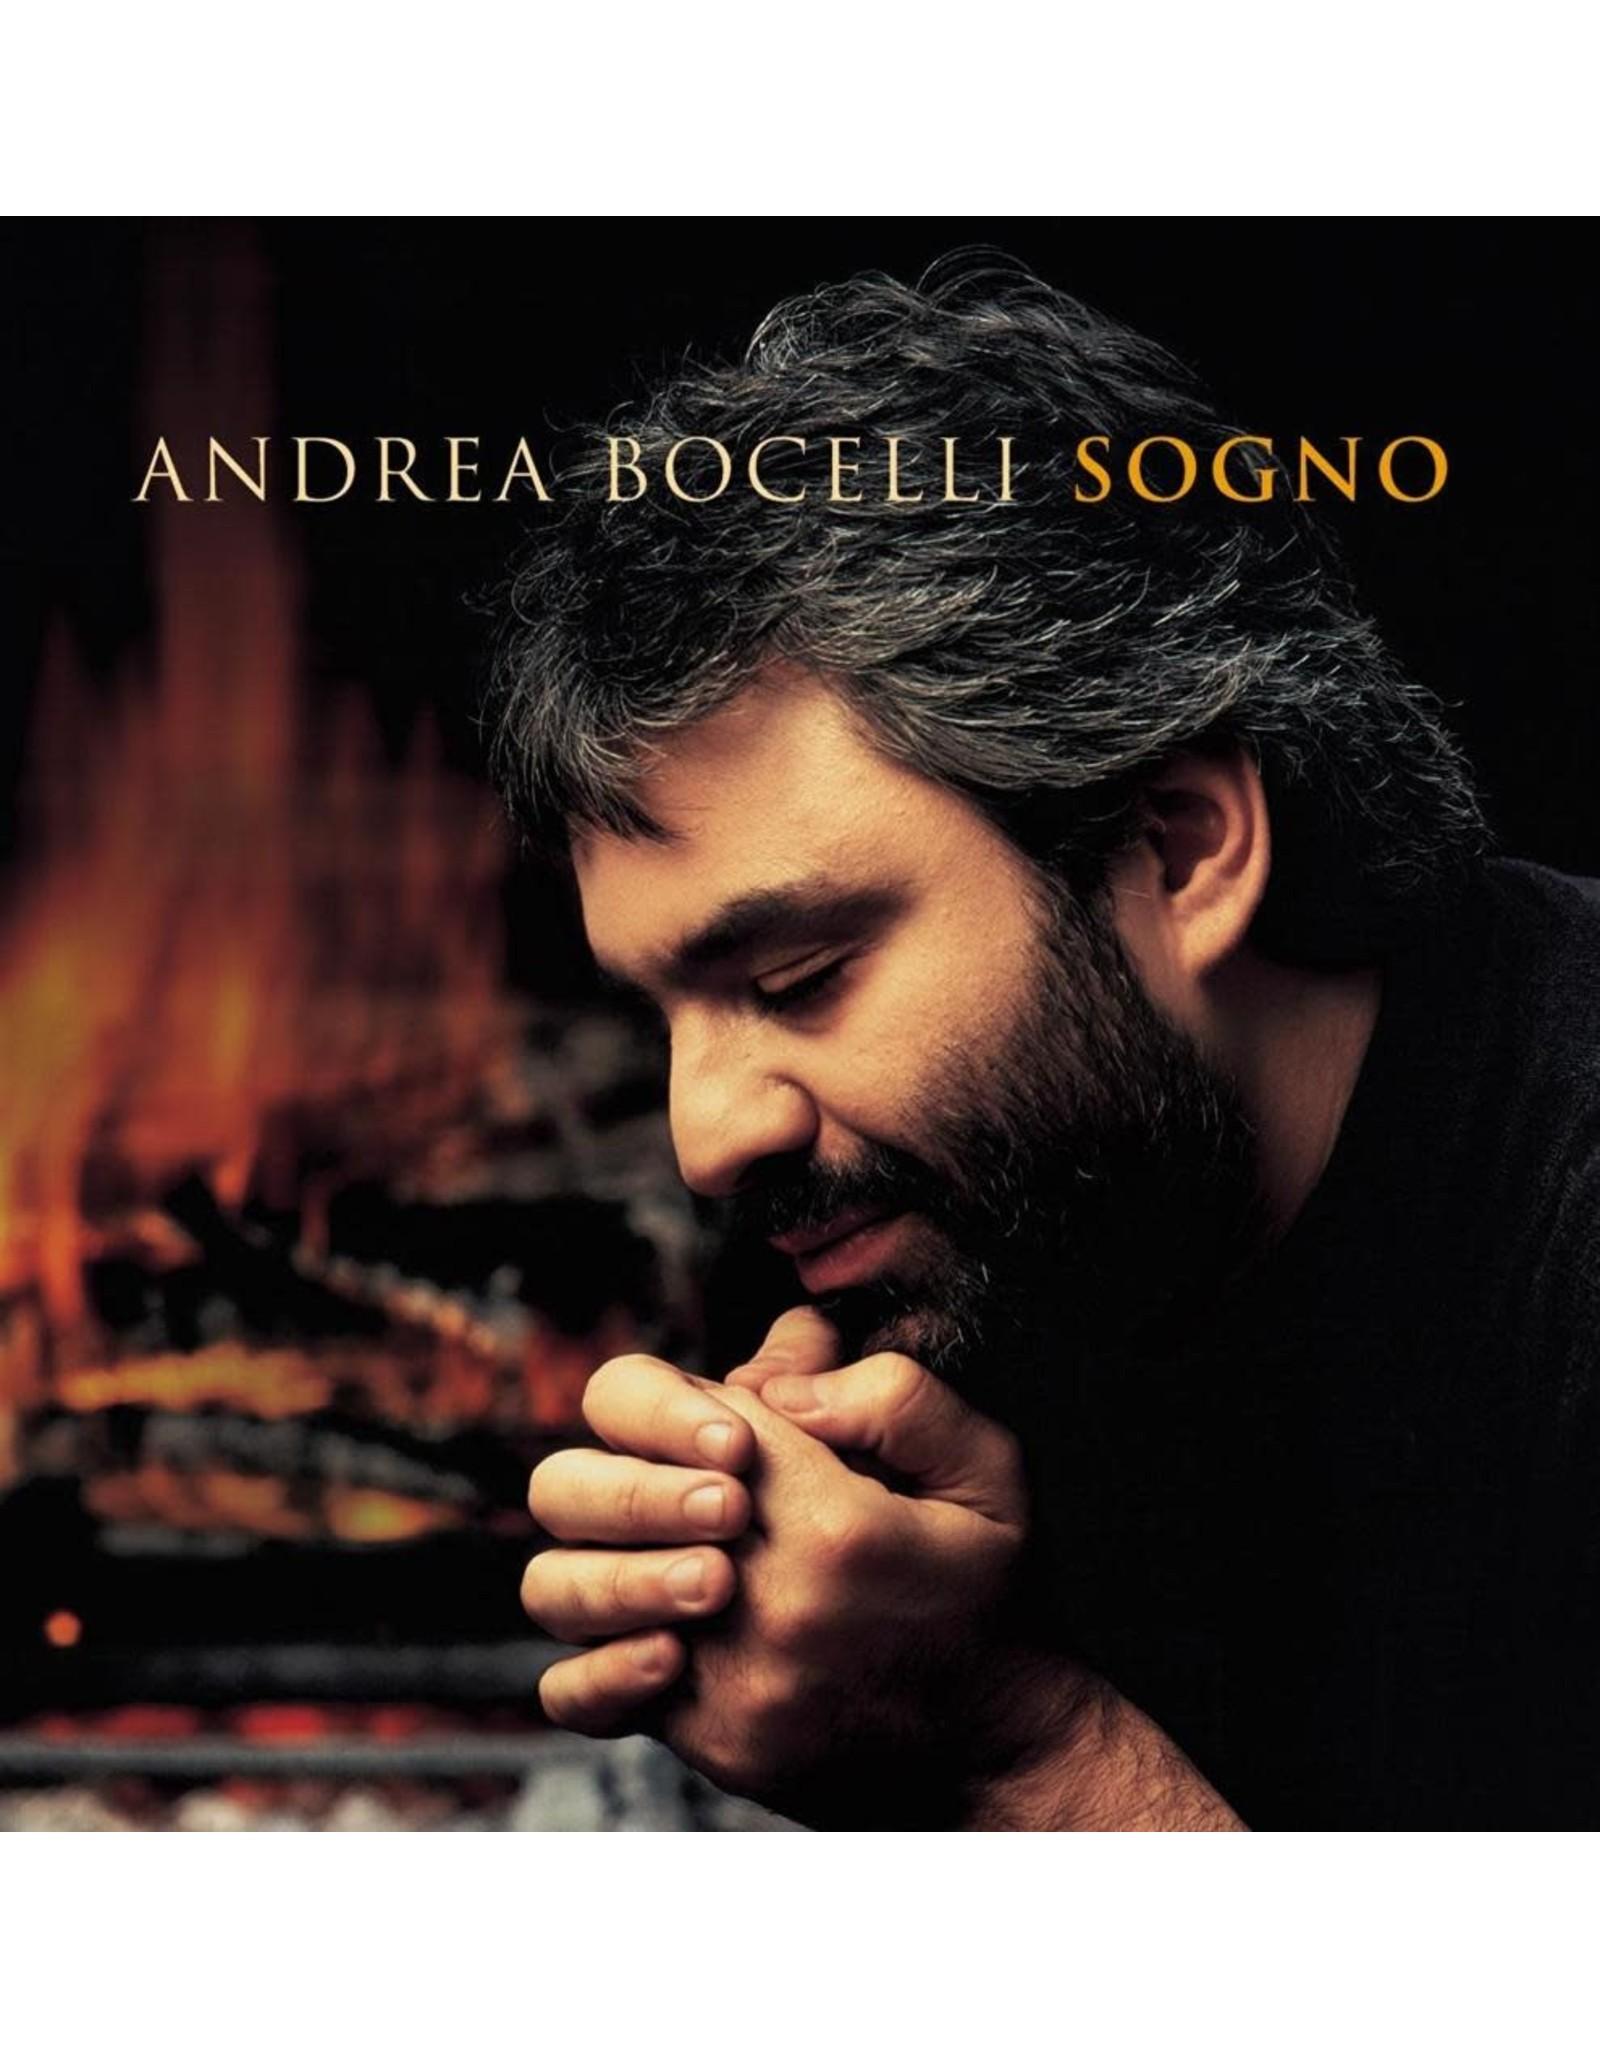 Bocelli, Andrea - Sogno (2LP)